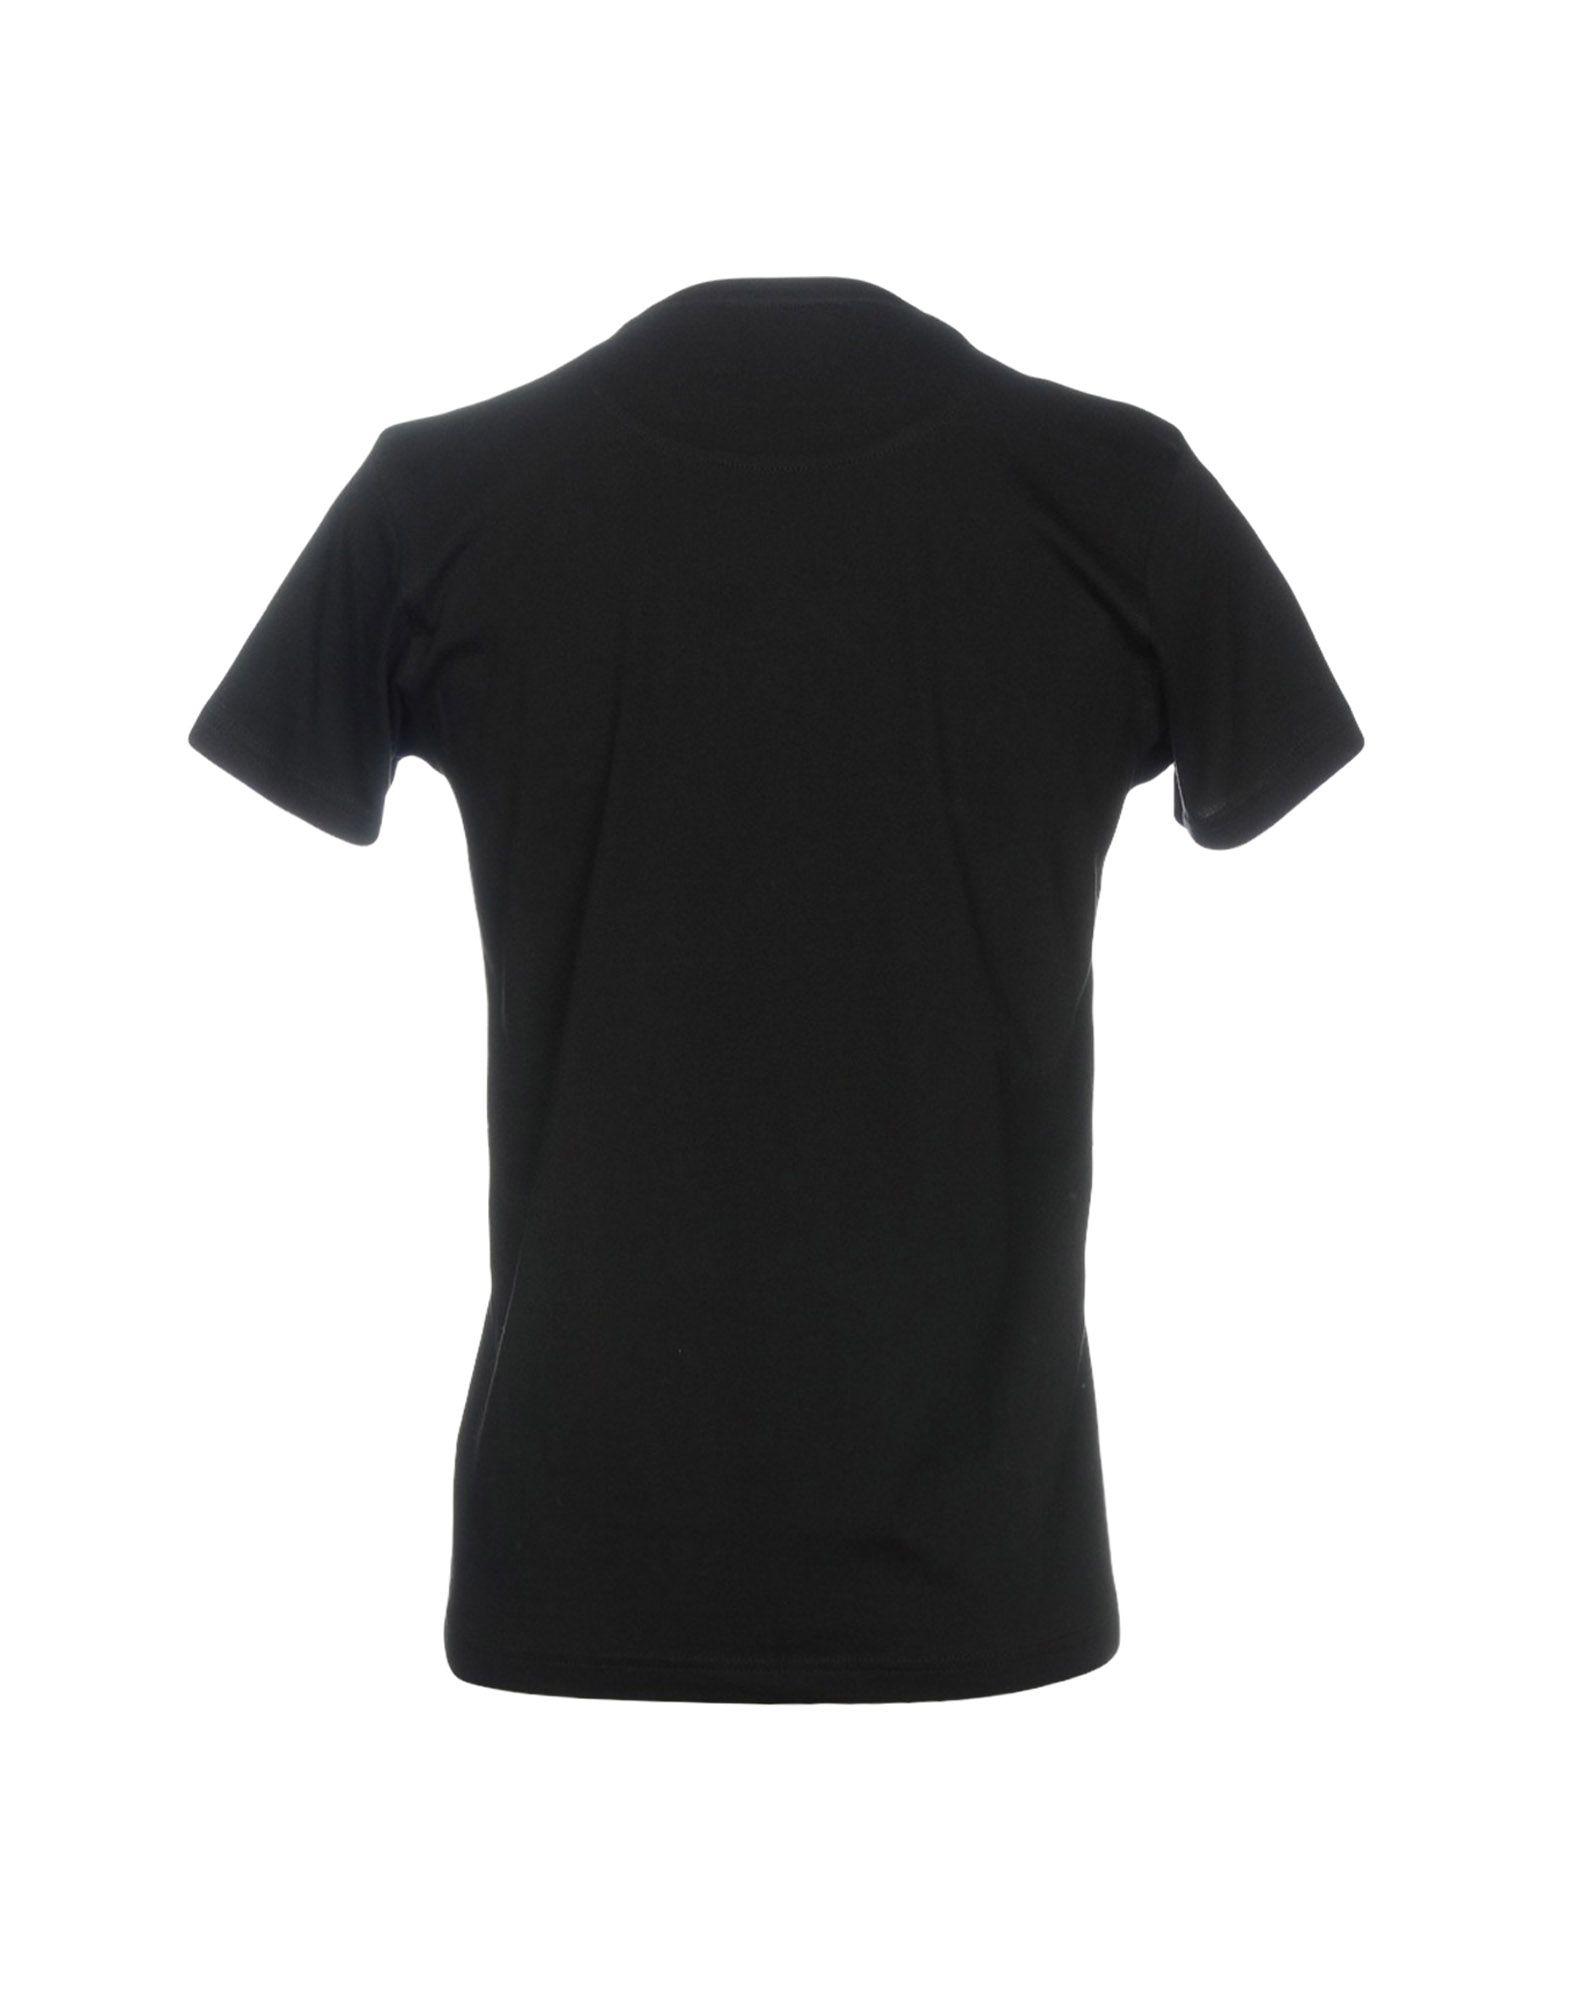 T-Shirt Roberto Cavalli - Uomo - Cavalli 12163094AW ea40e4